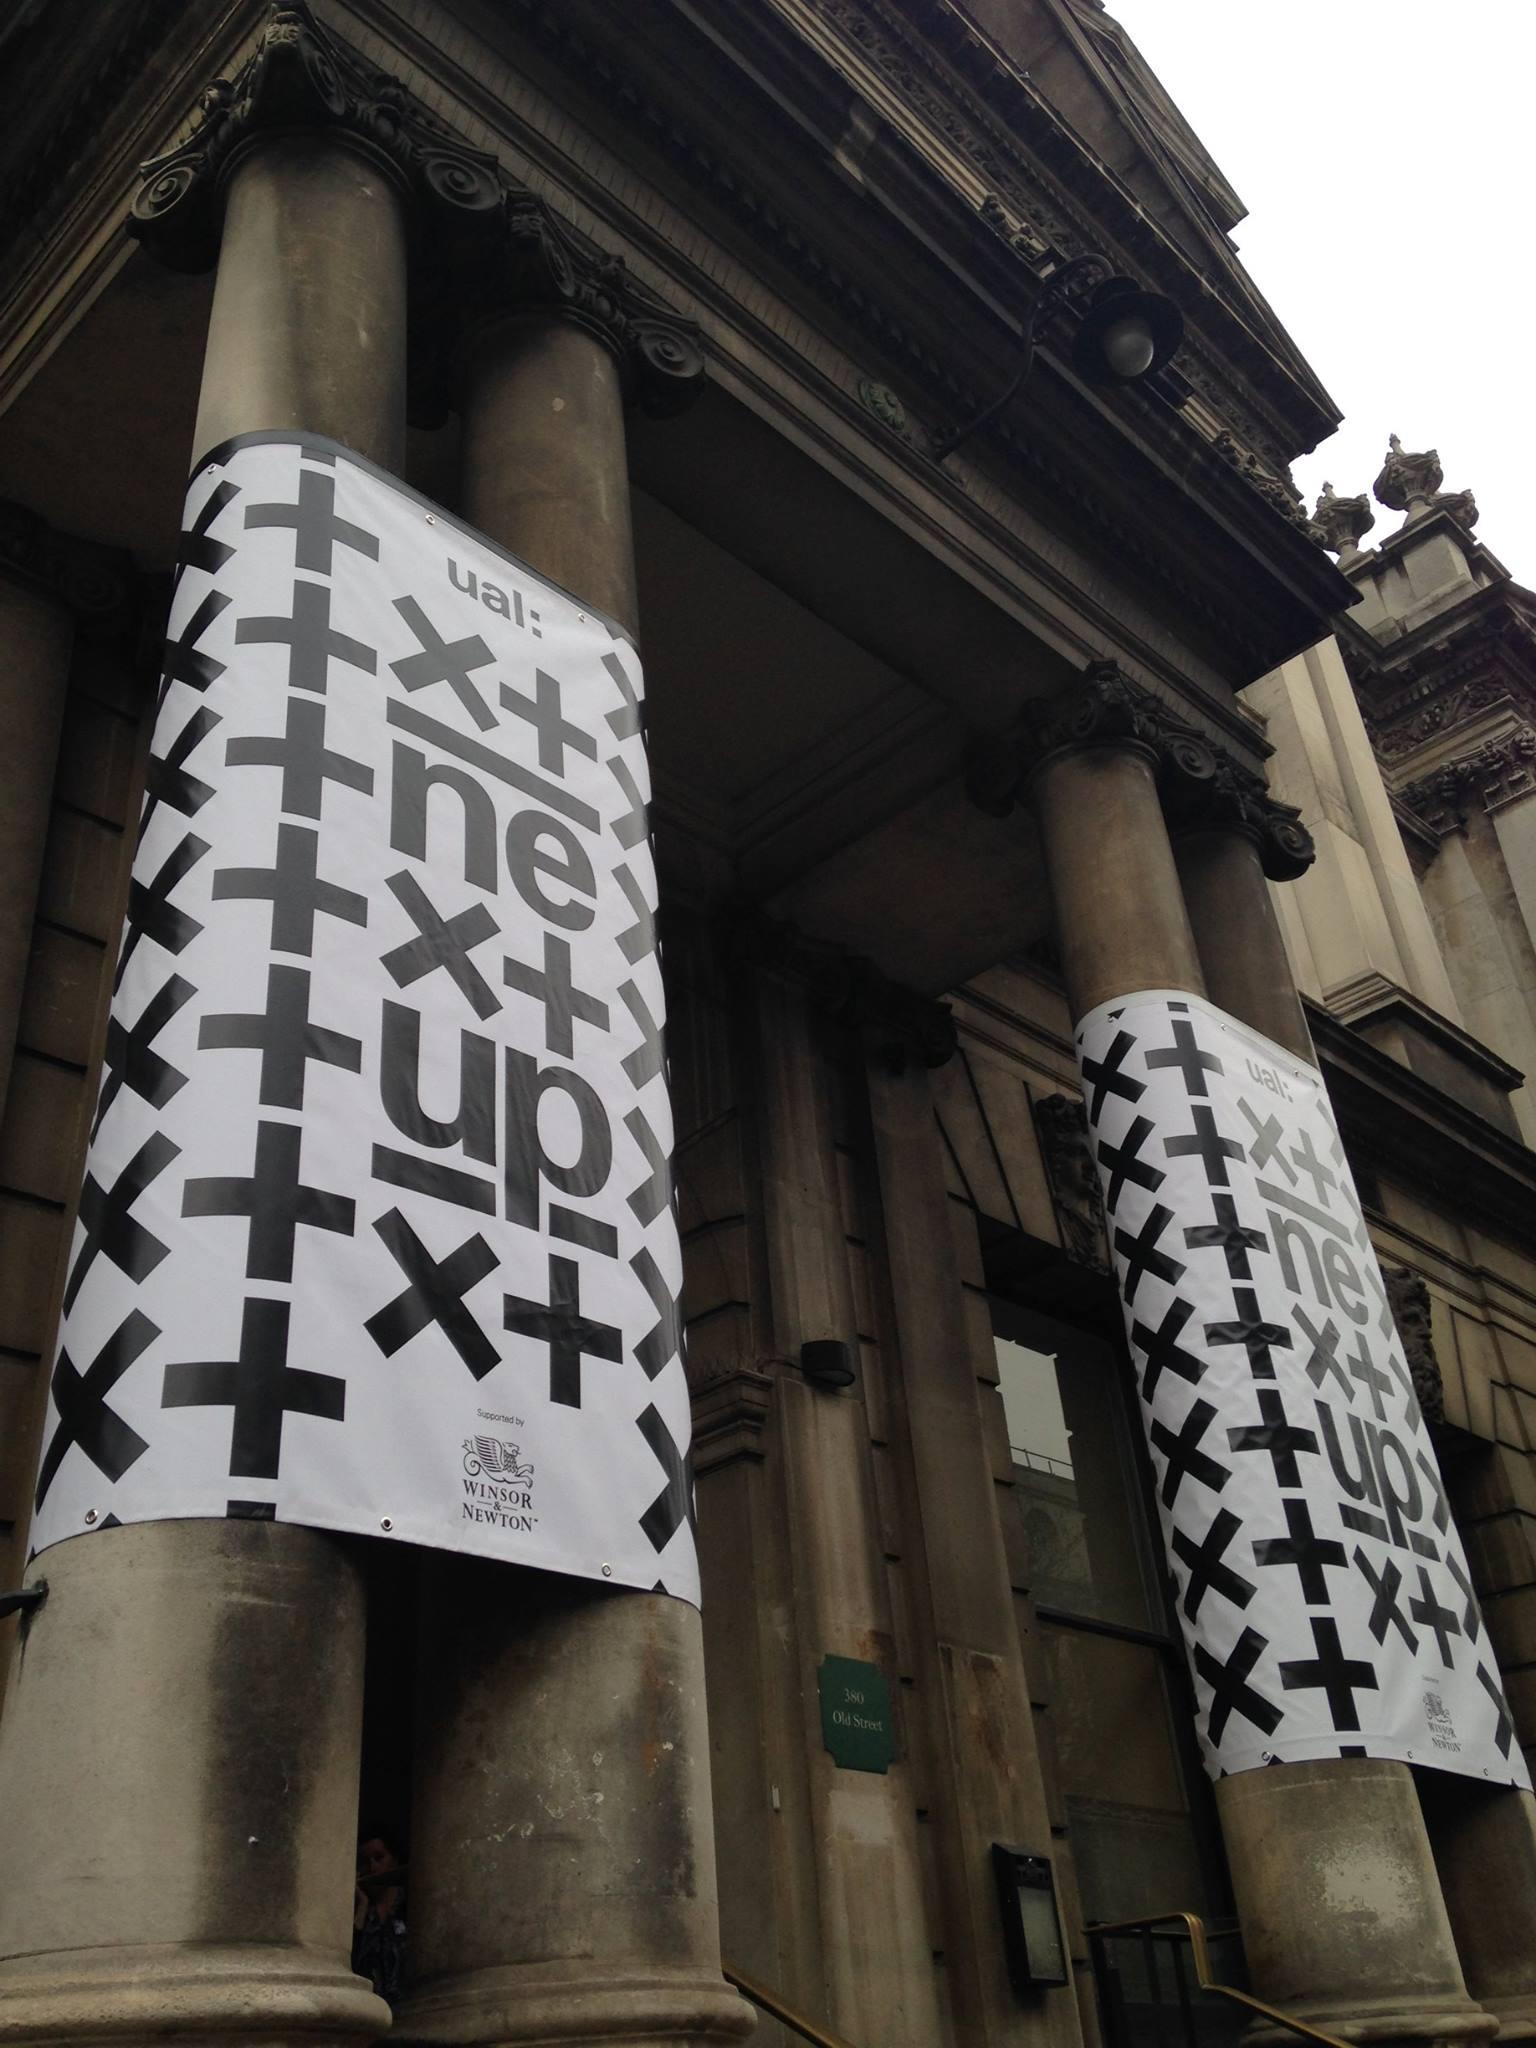 جامعة الفنون في لندن – University of the Arts London